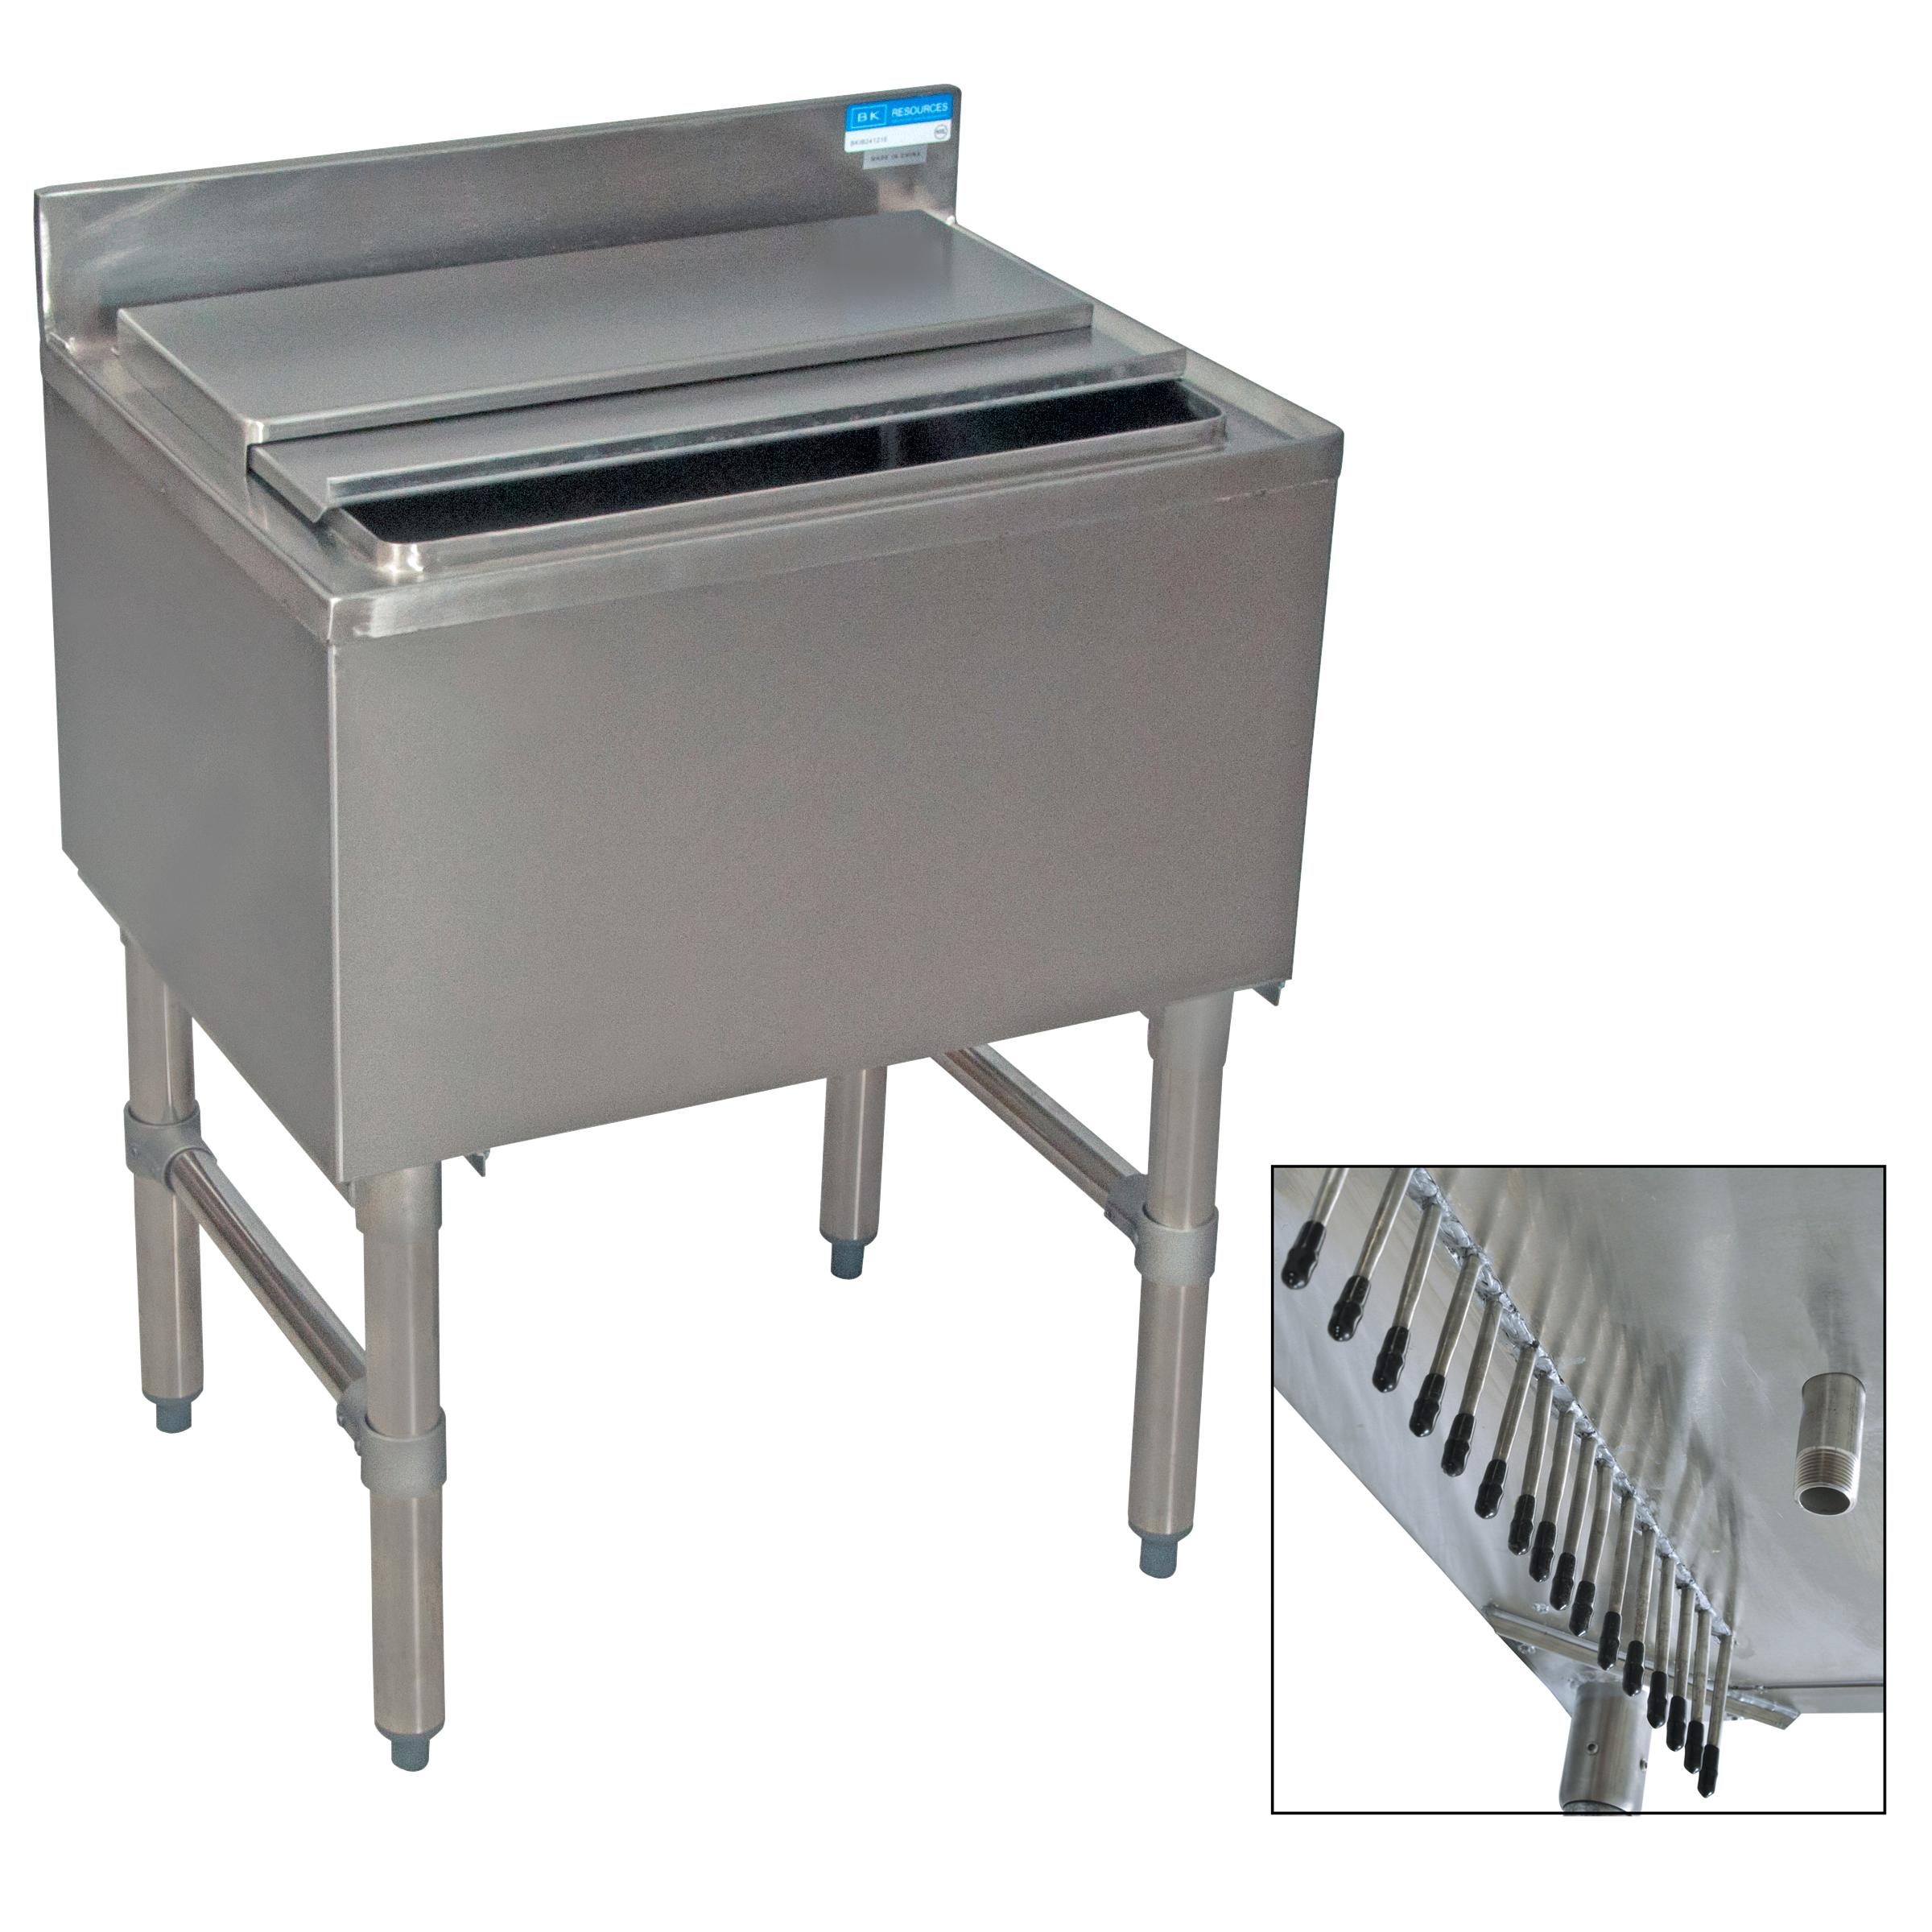 BK Resources BKIB-CP7-3612-18S underbar ice bin/cocktail unit